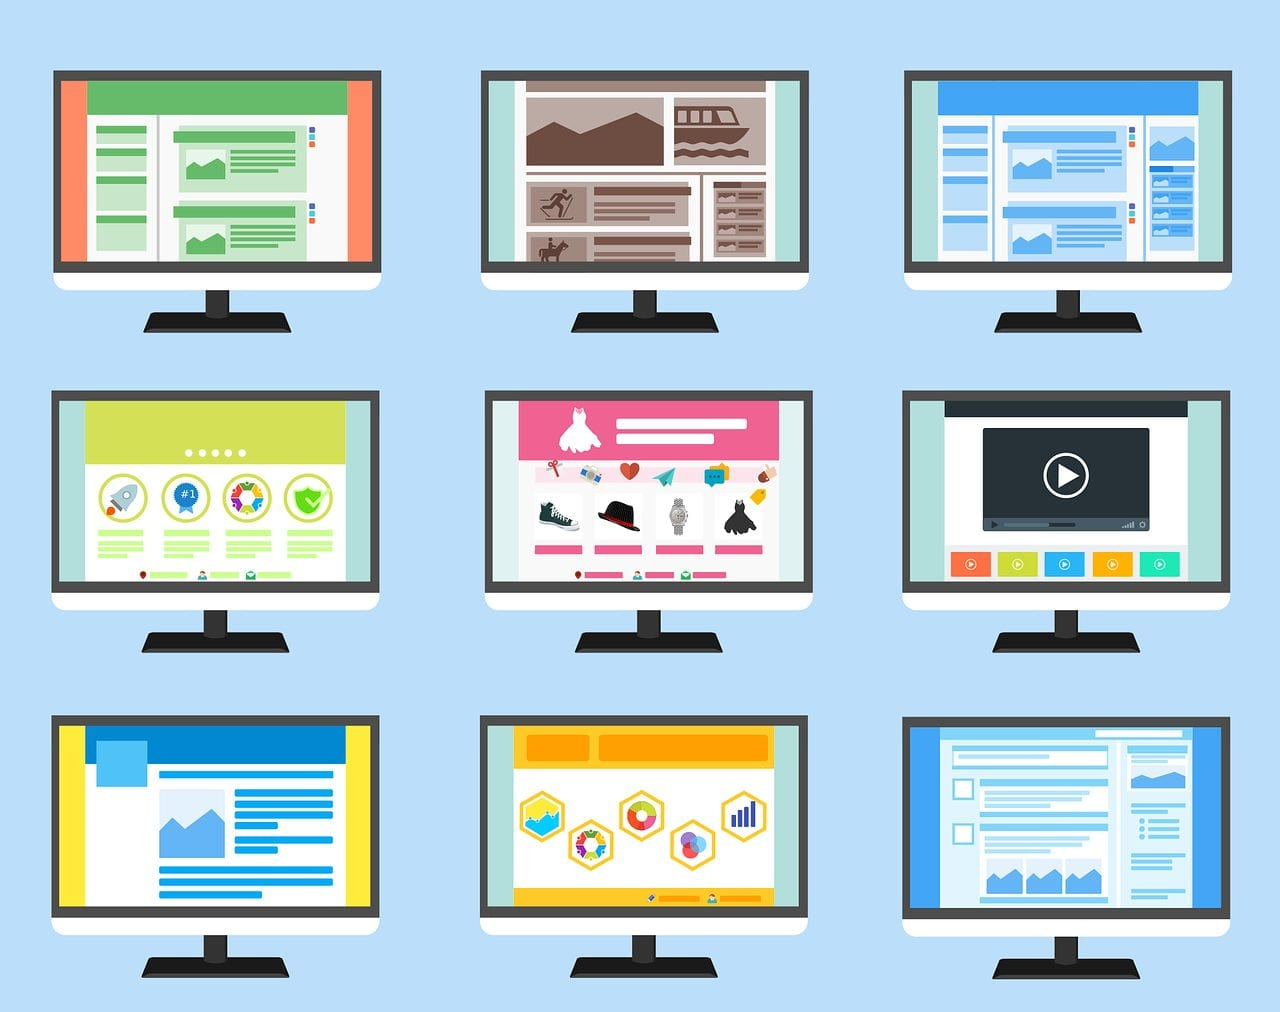 design interface for websites